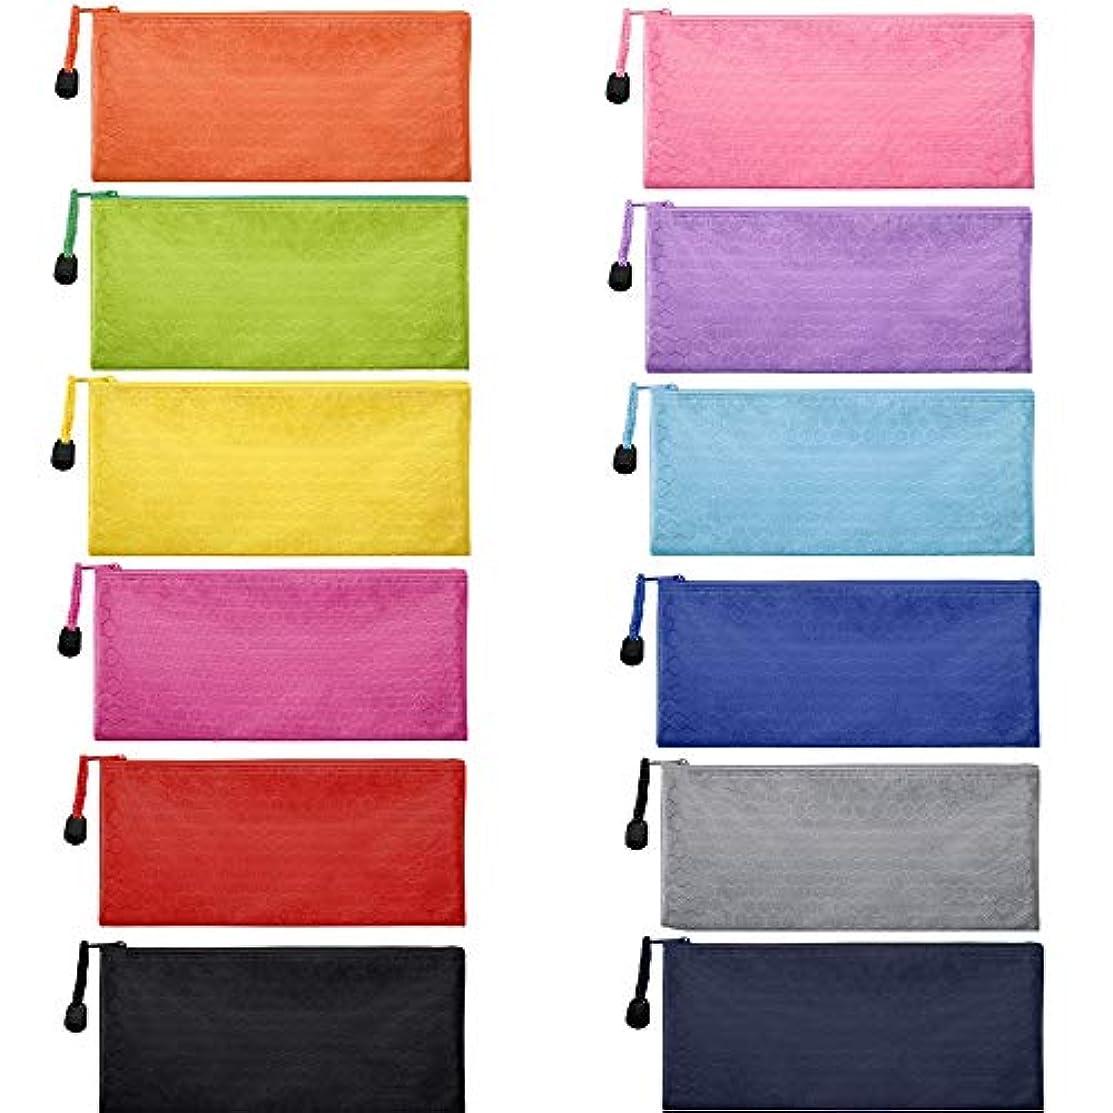 不変残りワームZ-Liant 12ピース ジッパー付き防水バッグ ポーチ 化粧品 メイクアップ オフィス用品 旅行アクセサリー(12色)